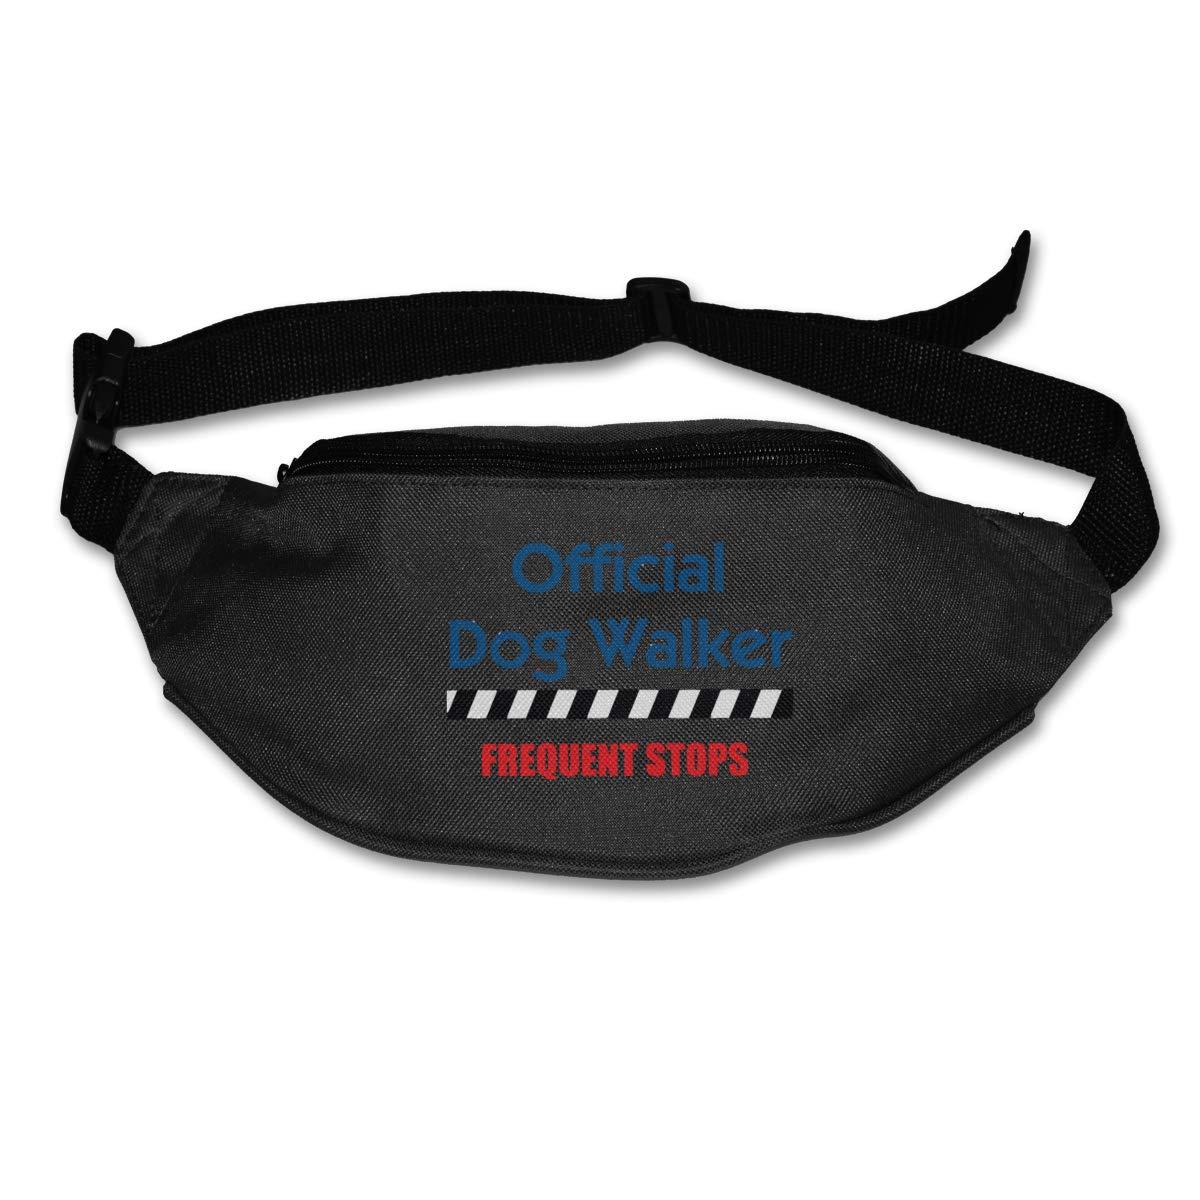 Official Dog Walker Sport Waist Packs Fanny Pack Adjustable For Travel